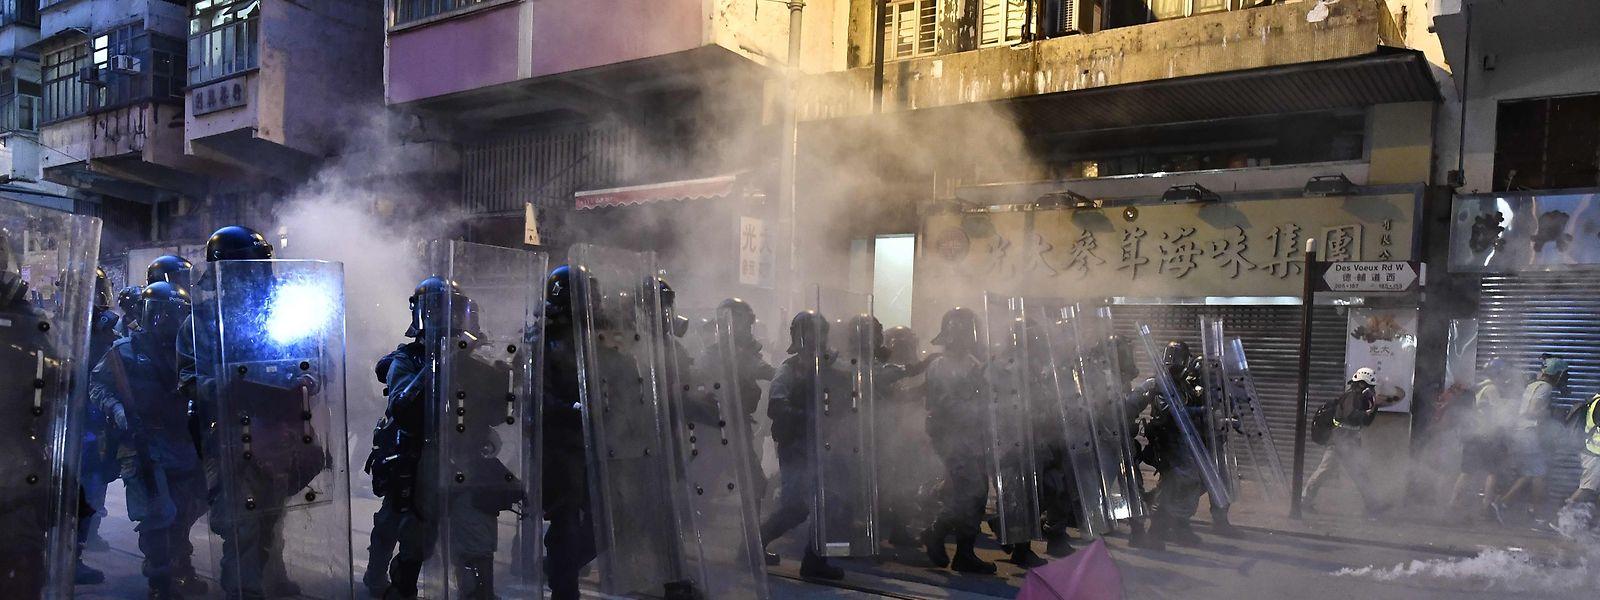 Die Spirale der Eskalation in Hongkong dreht sich weiter. Ein Militäreinsatz wird wahrscheinlicher.